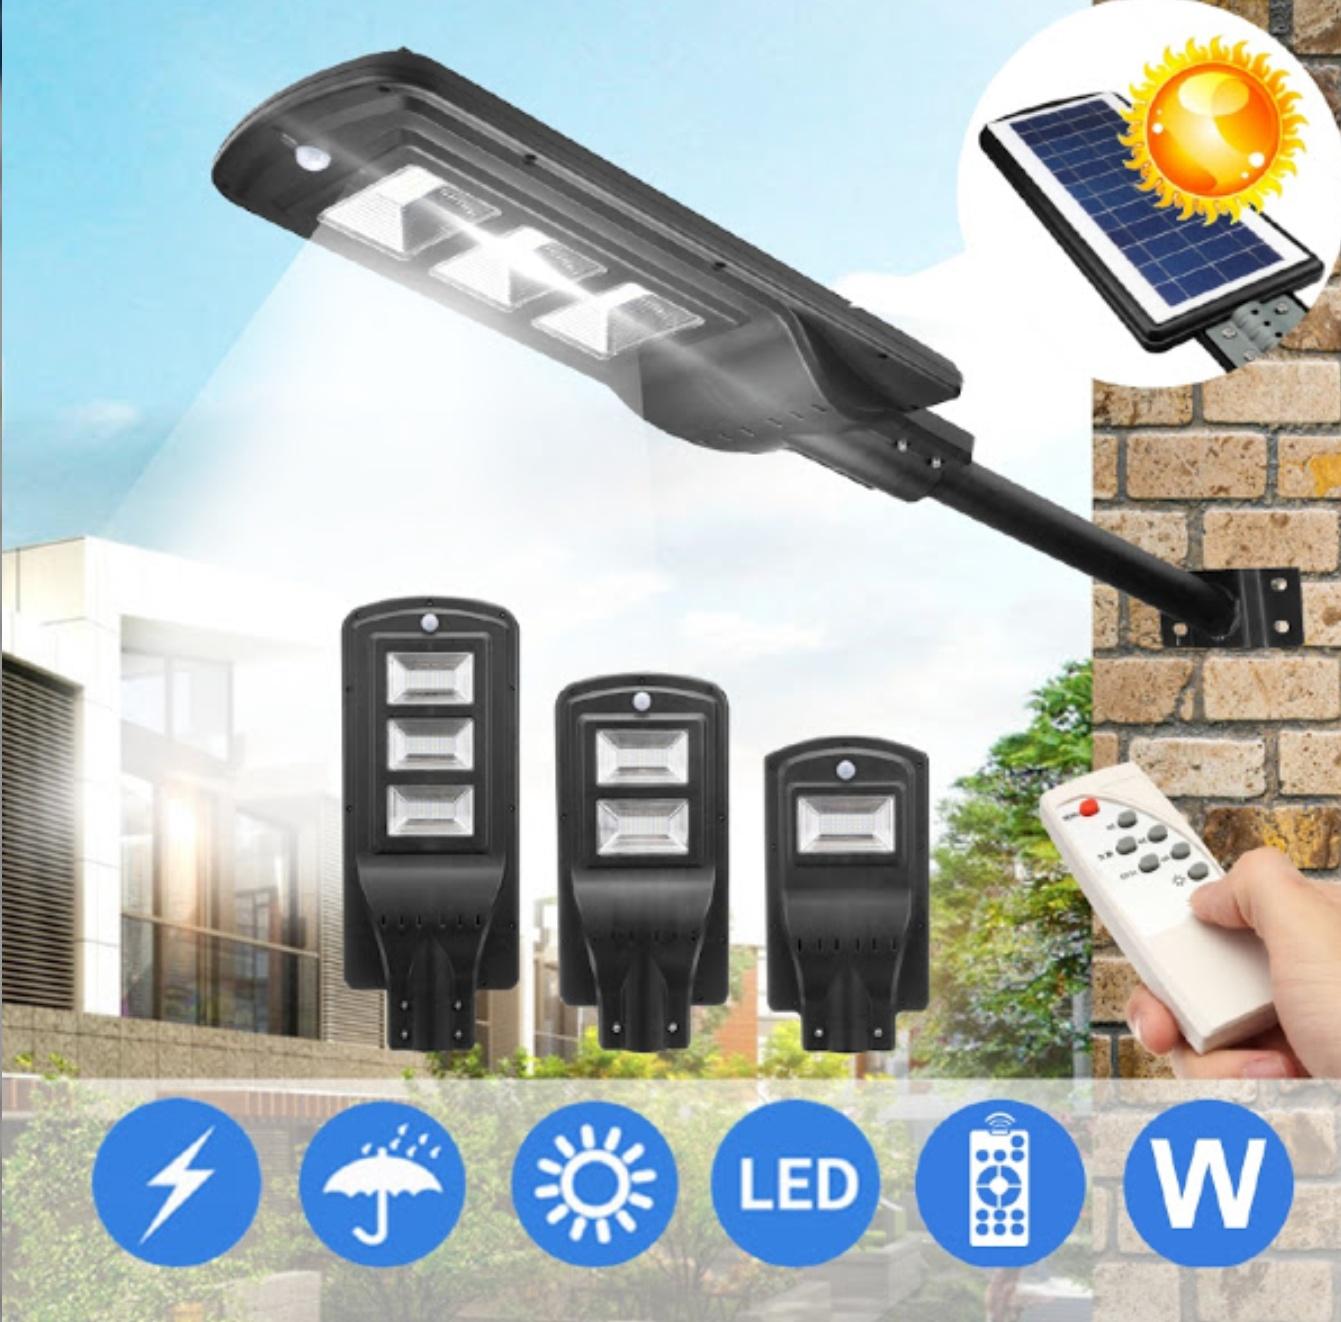 Lampa stradala cu panou solar, 90W, senzor de lumina, telecomanda